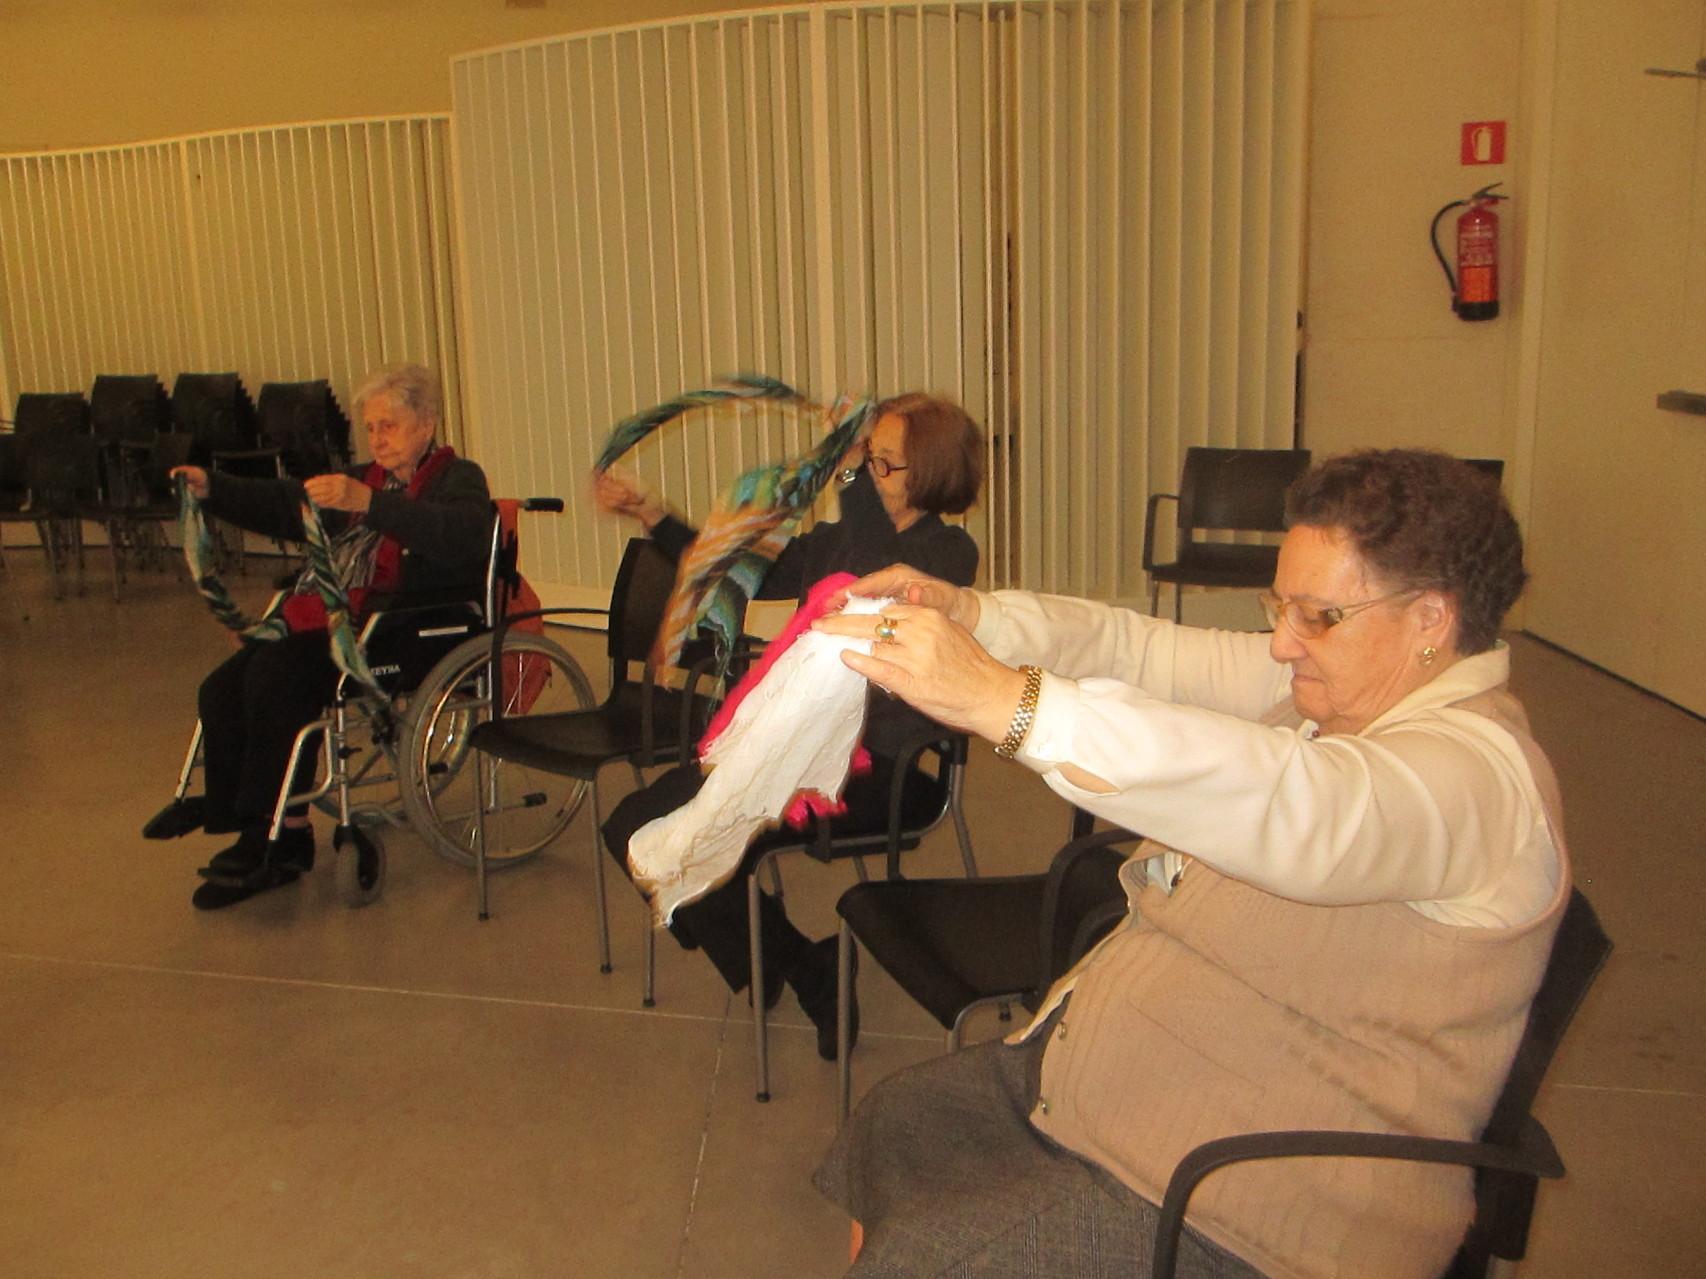 Baile con pañuelos - Musicoterapia